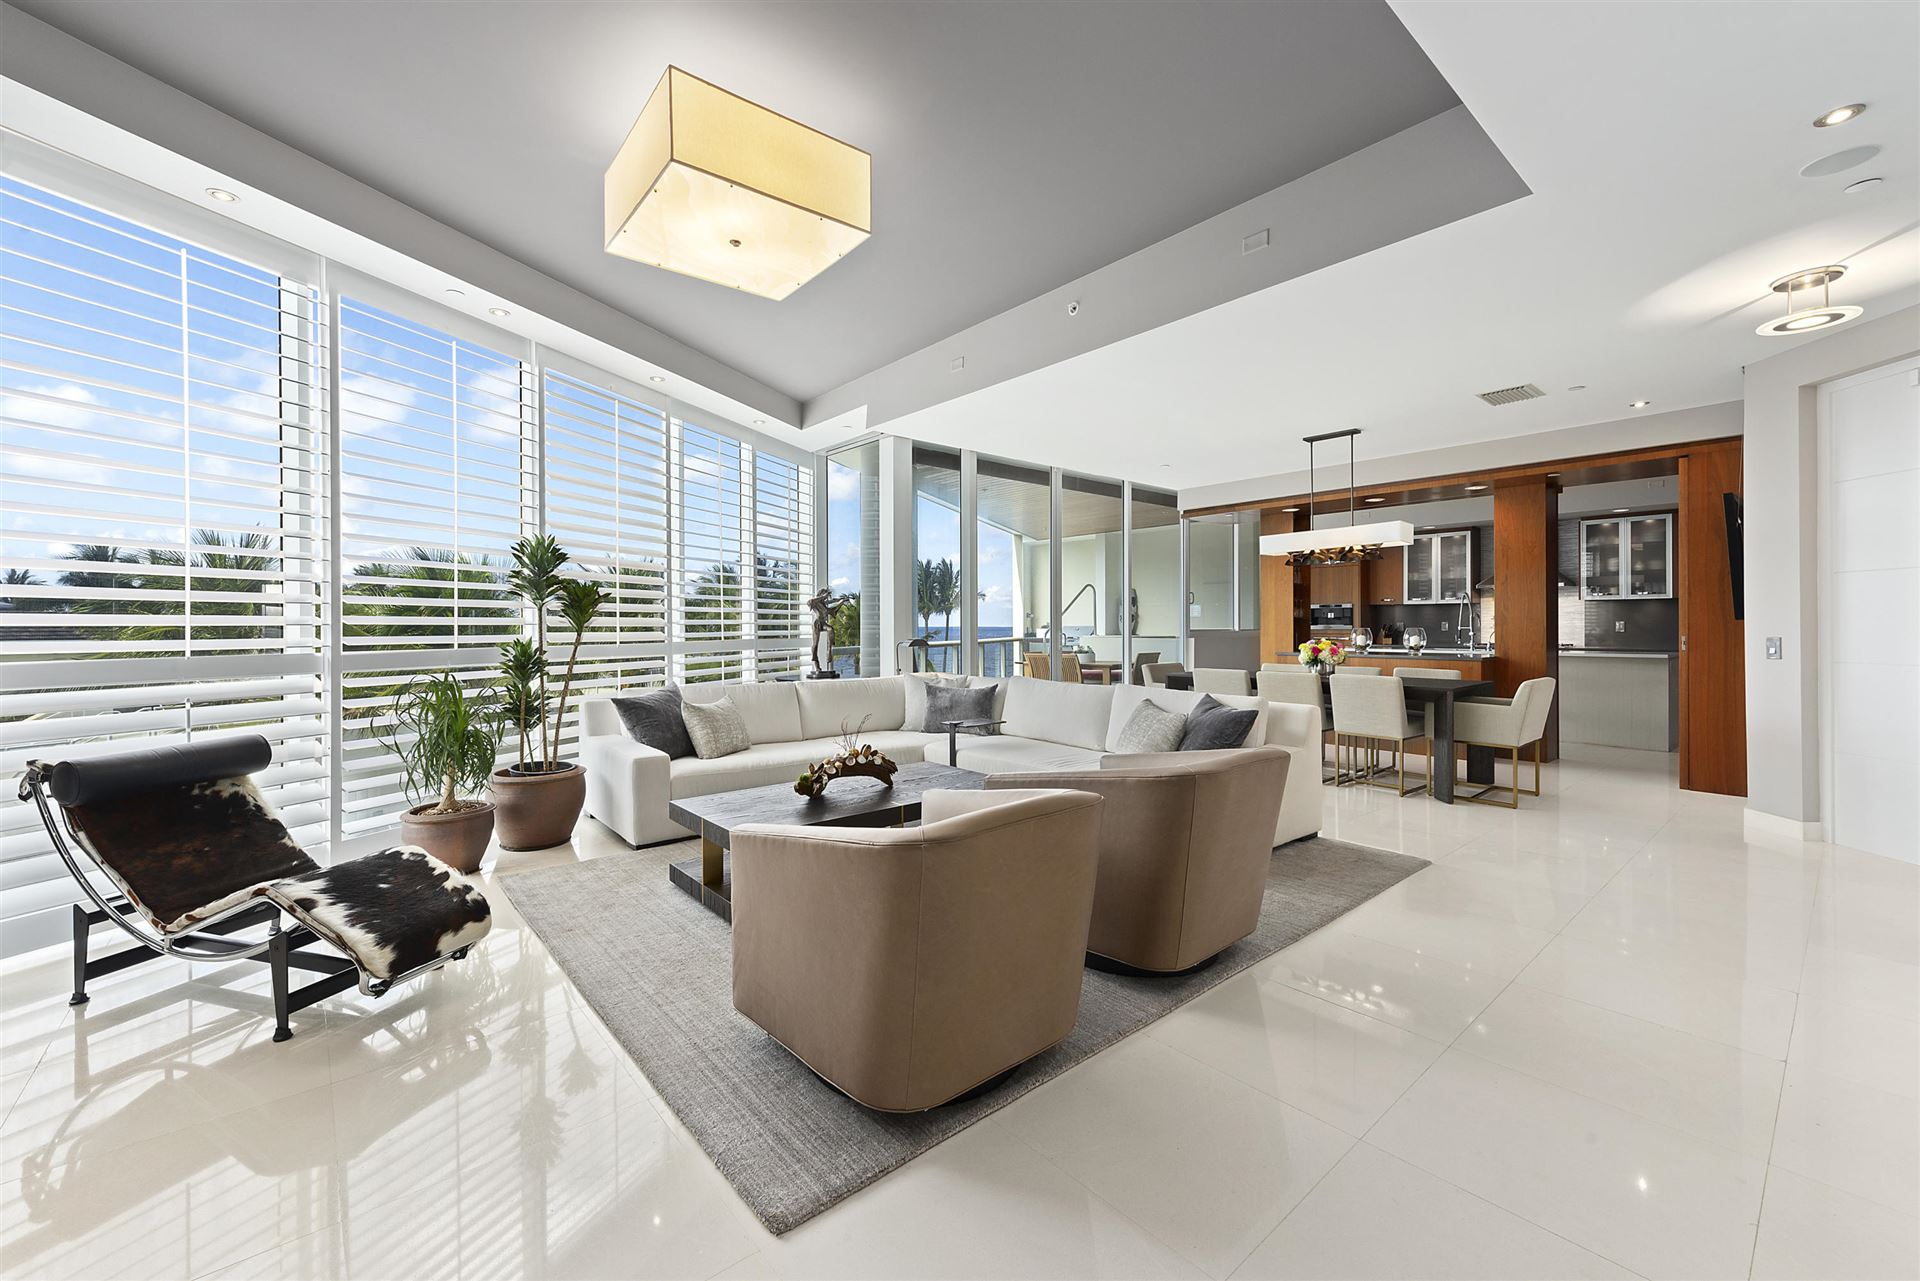 1000 S Ocean Boulevard #208, Boca Raton, FL 33432 - MLS#: RX-10531117